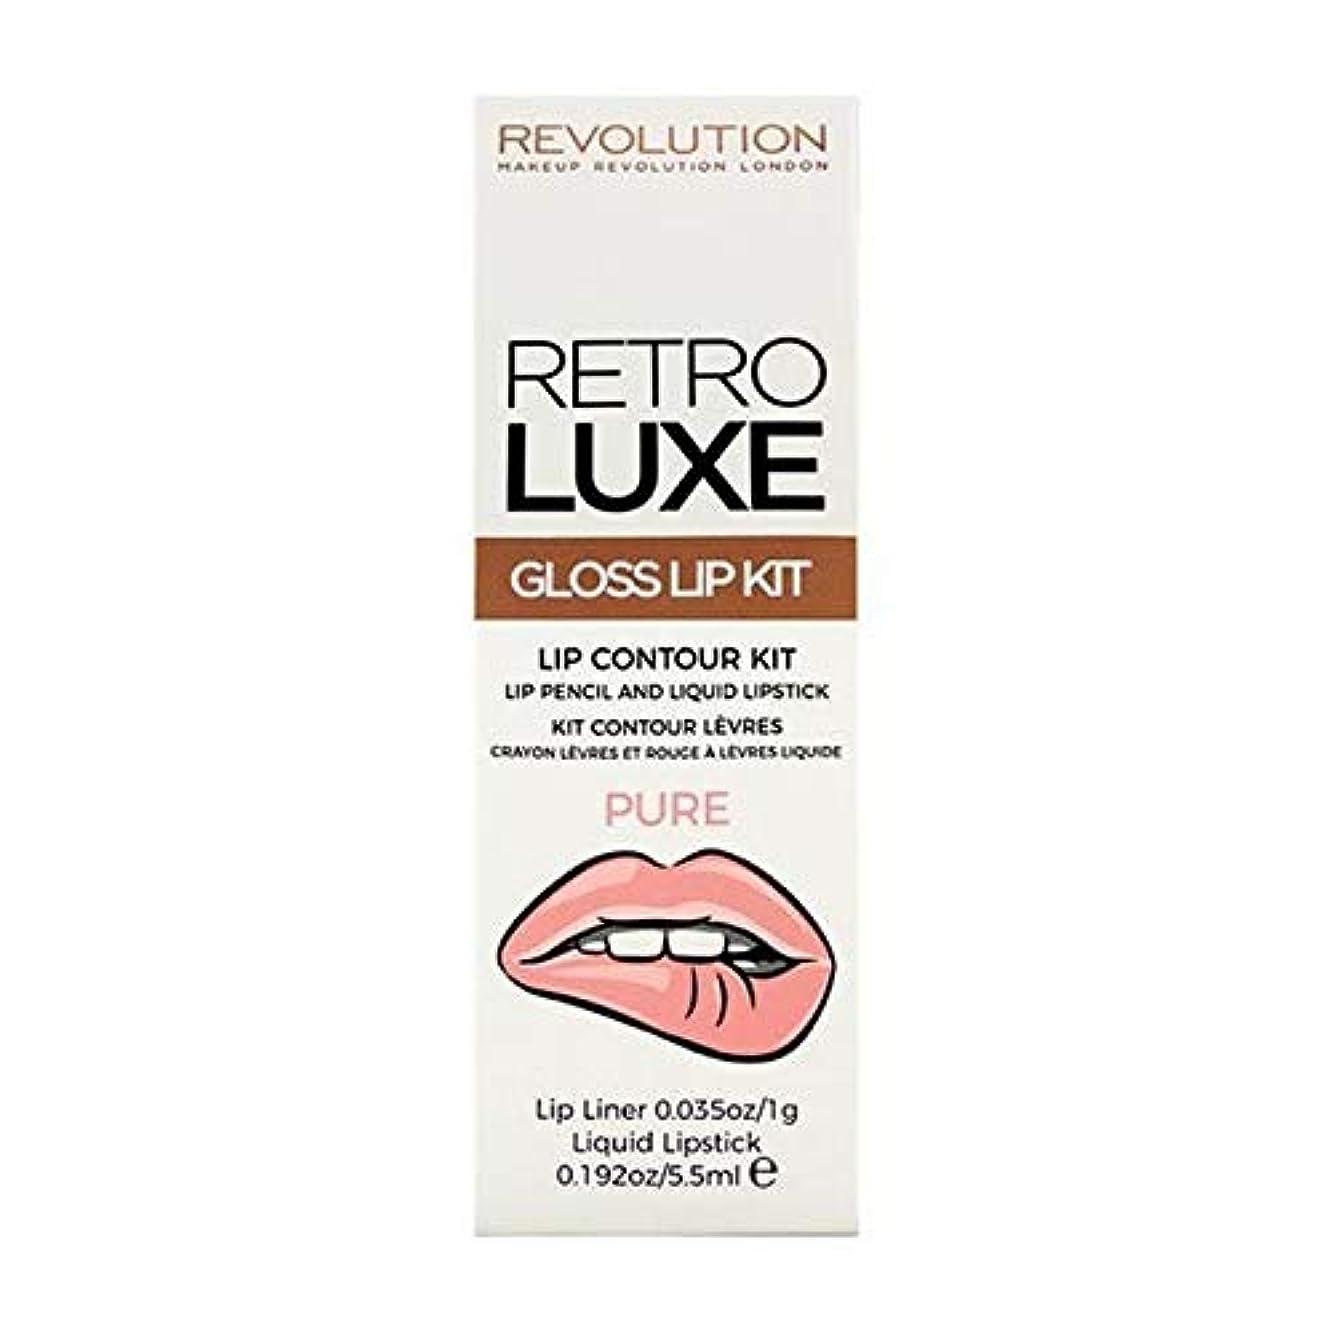 詩人敬意を表する剣[Revolution ] 革命のレトロラックスキットは、純粋な光沢 - Revolution Retro Luxe Kits Gloss Pure [並行輸入品]